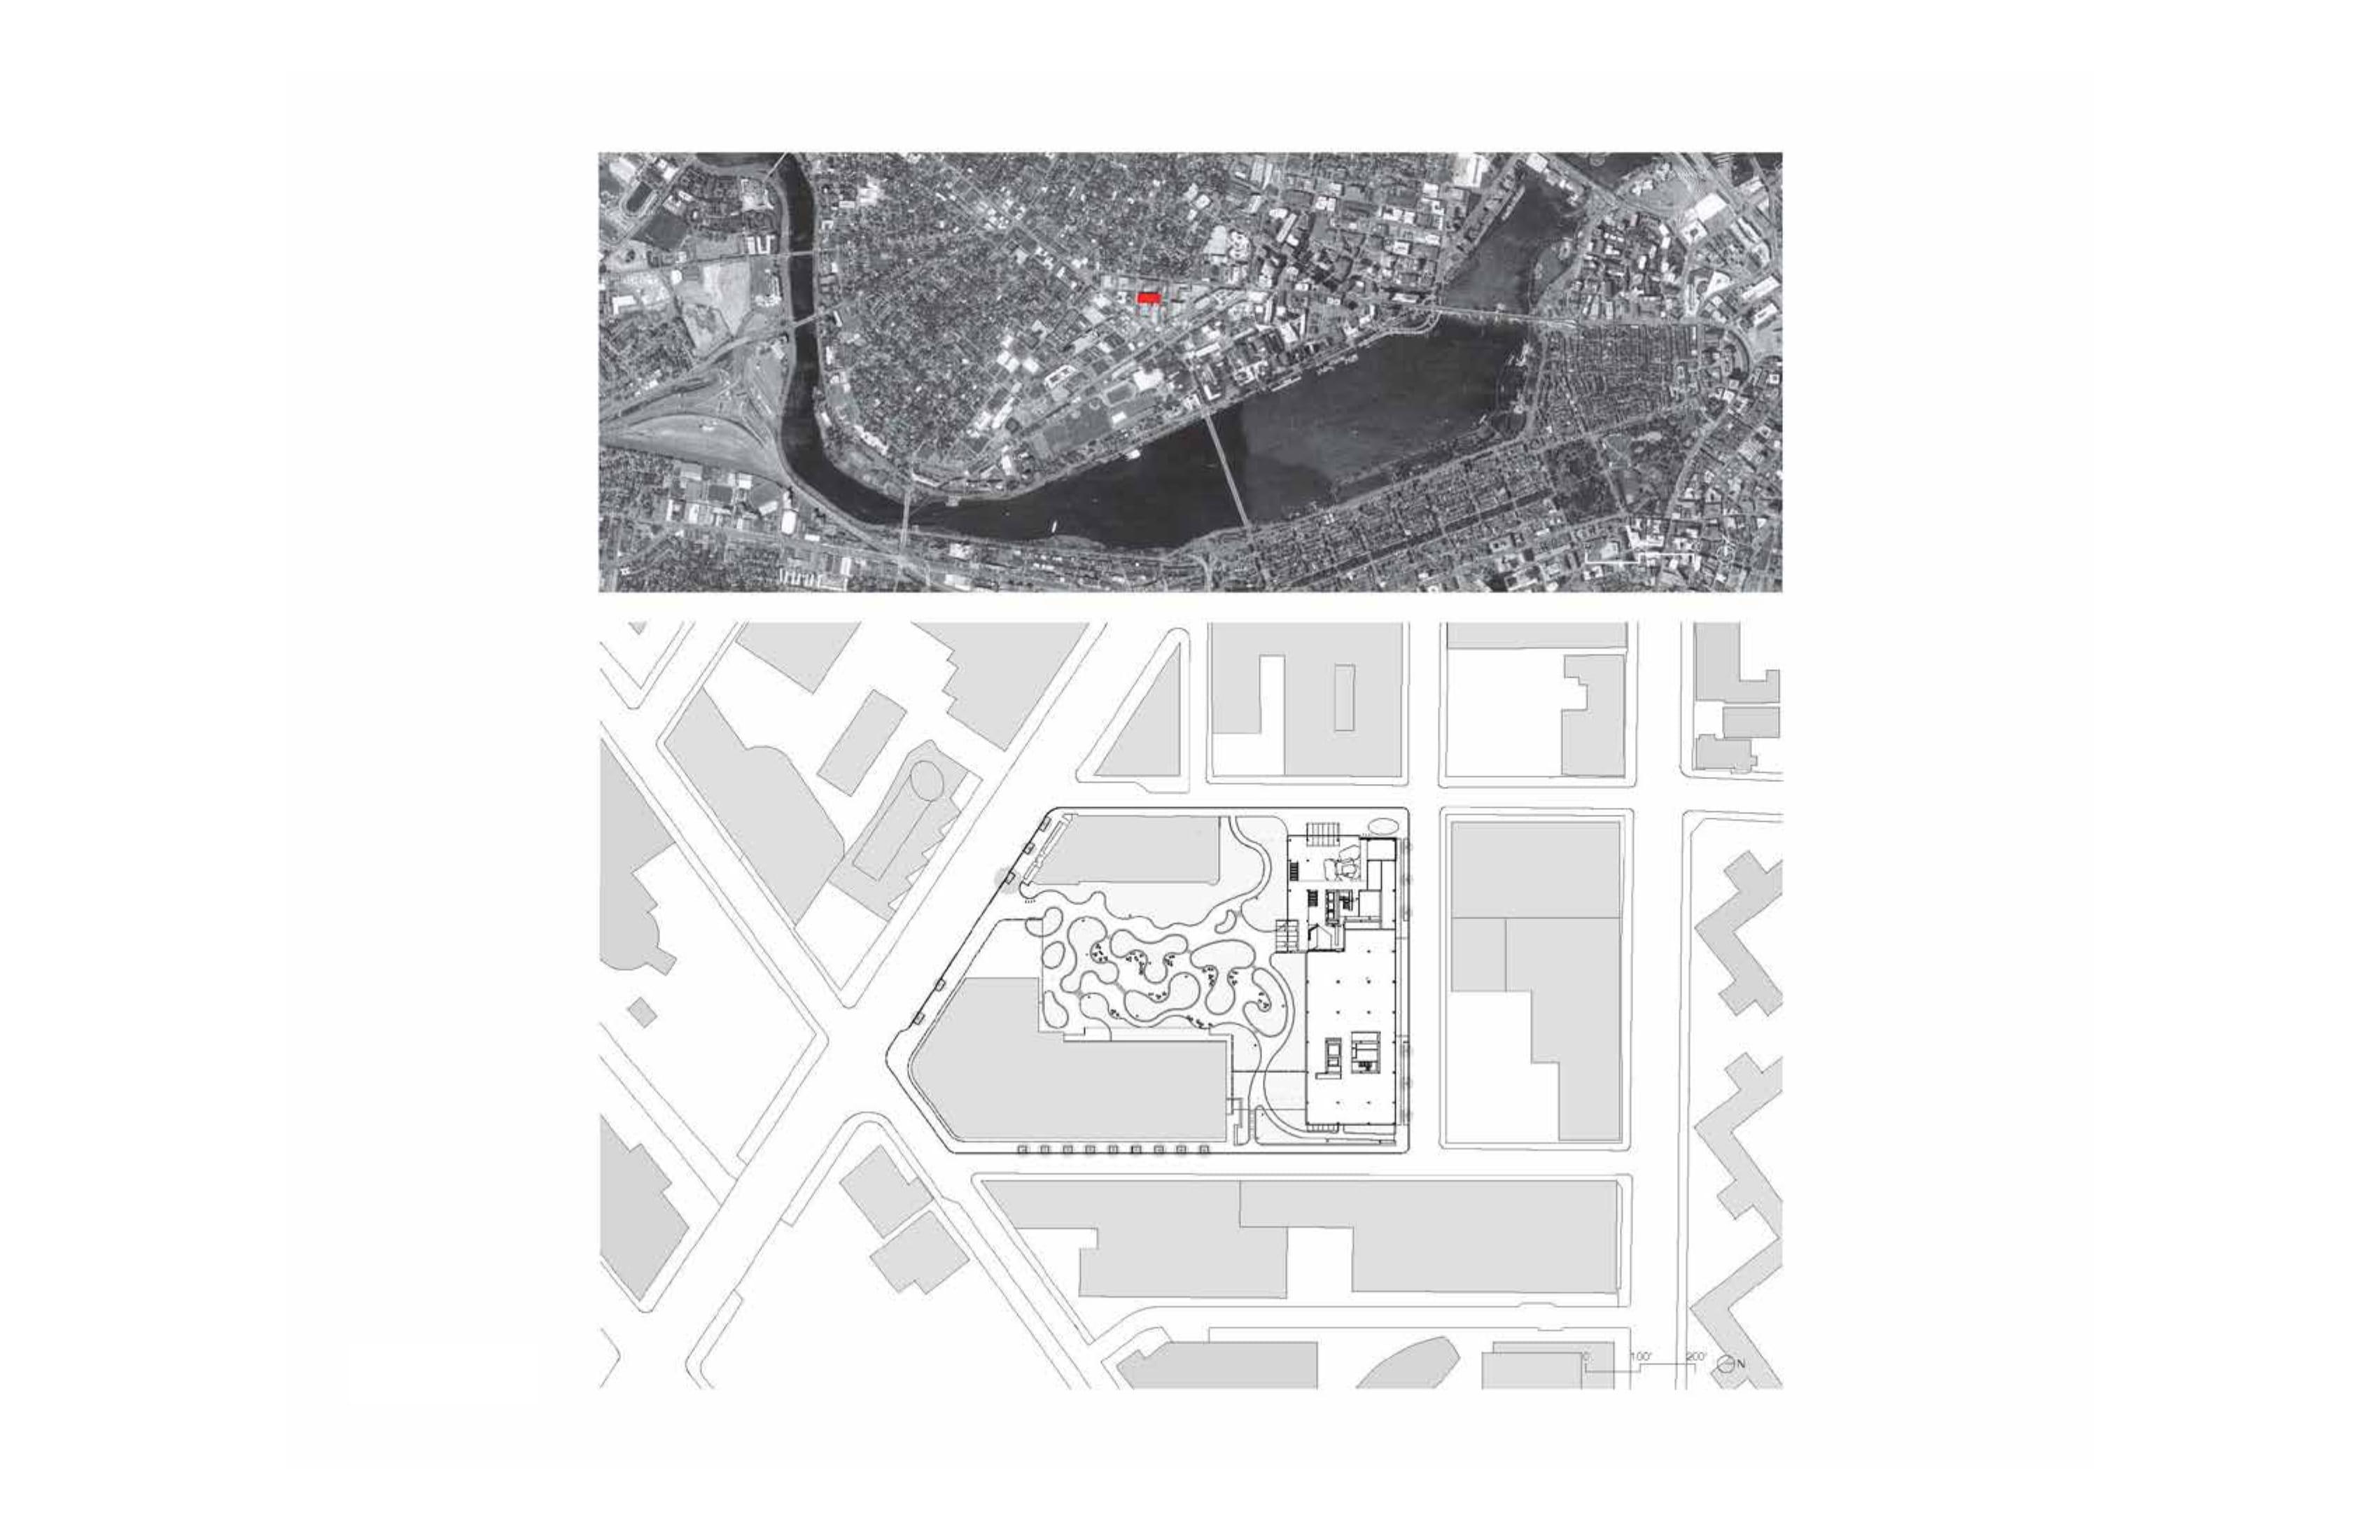 Site plan Toshiko Mori Architect}